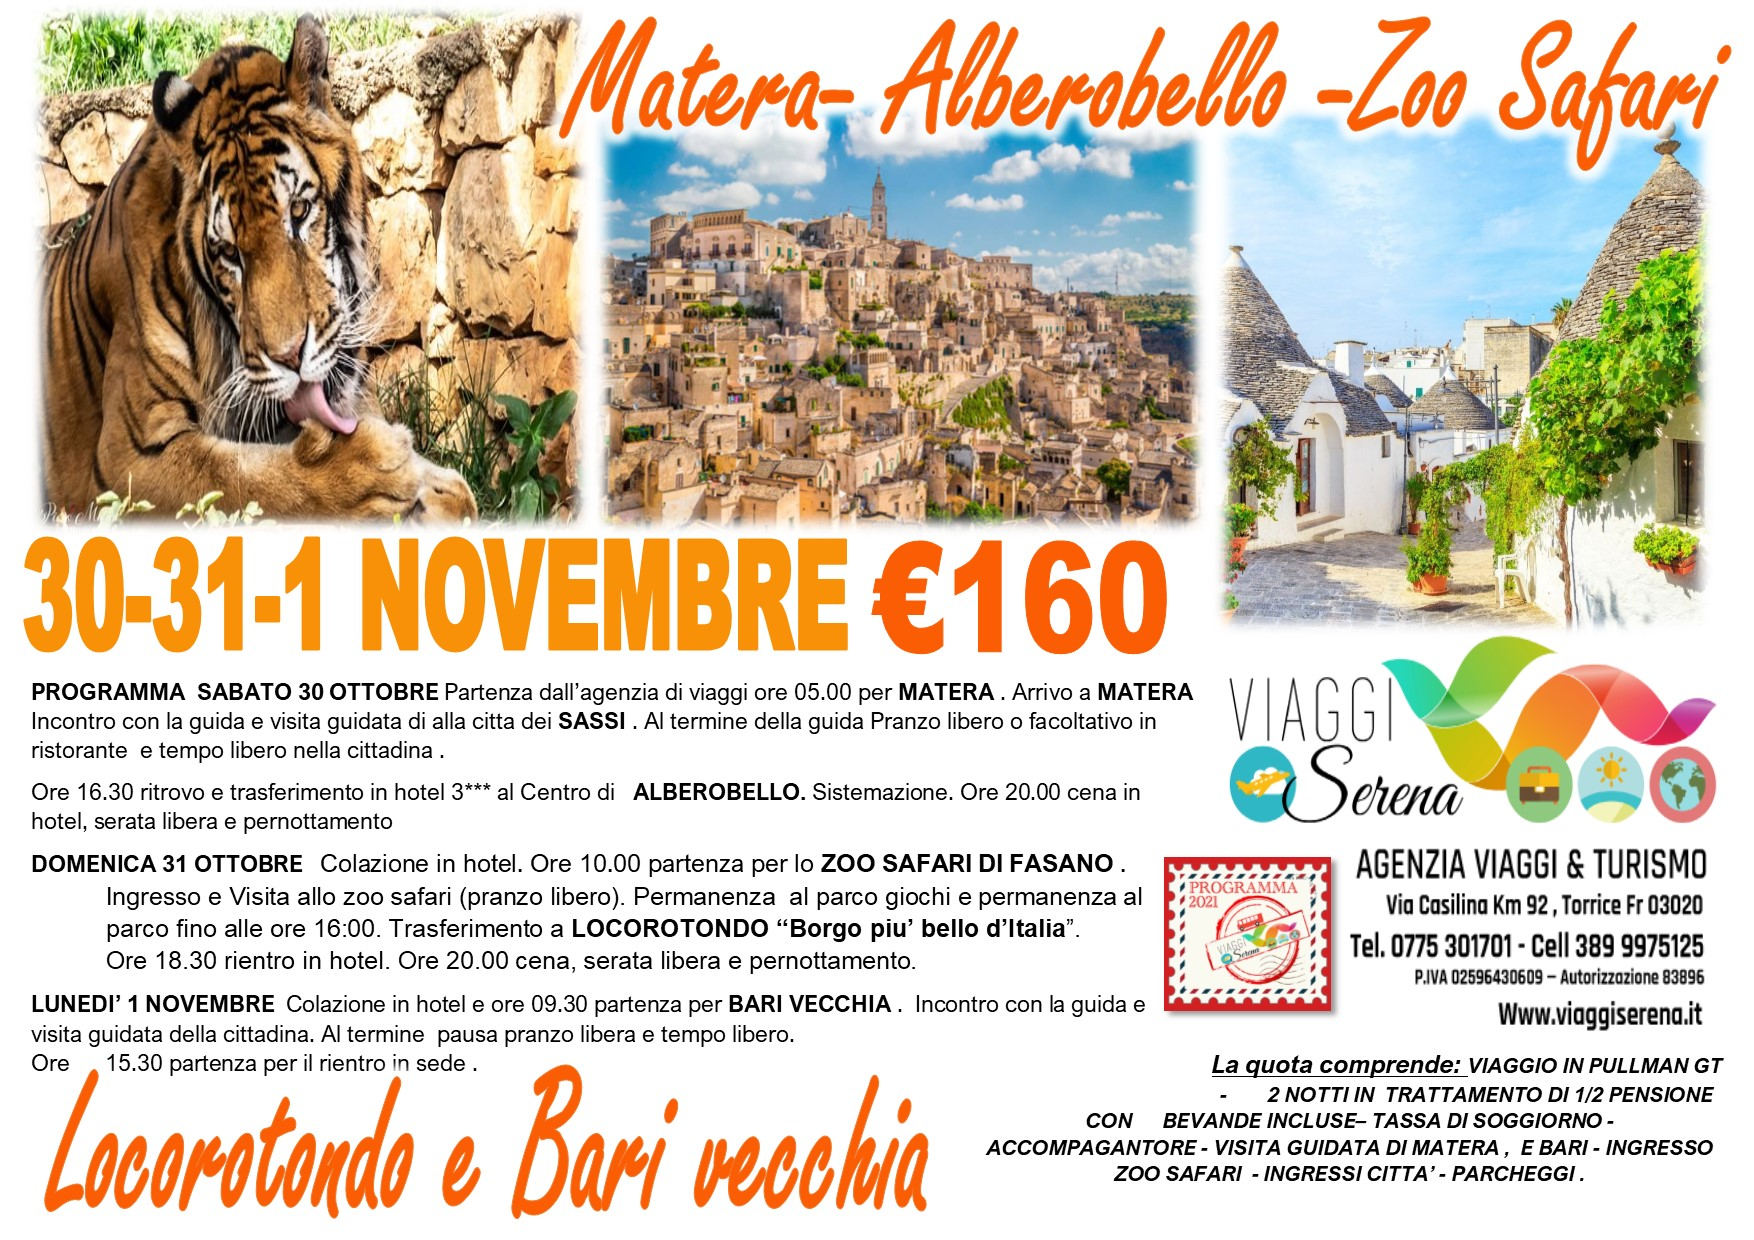 Viaggi di Gruppo: Zoo Safari, Alberobello, Locorotondo, Matera & Bari vecchia 30-31-1 Novembre € 160,00